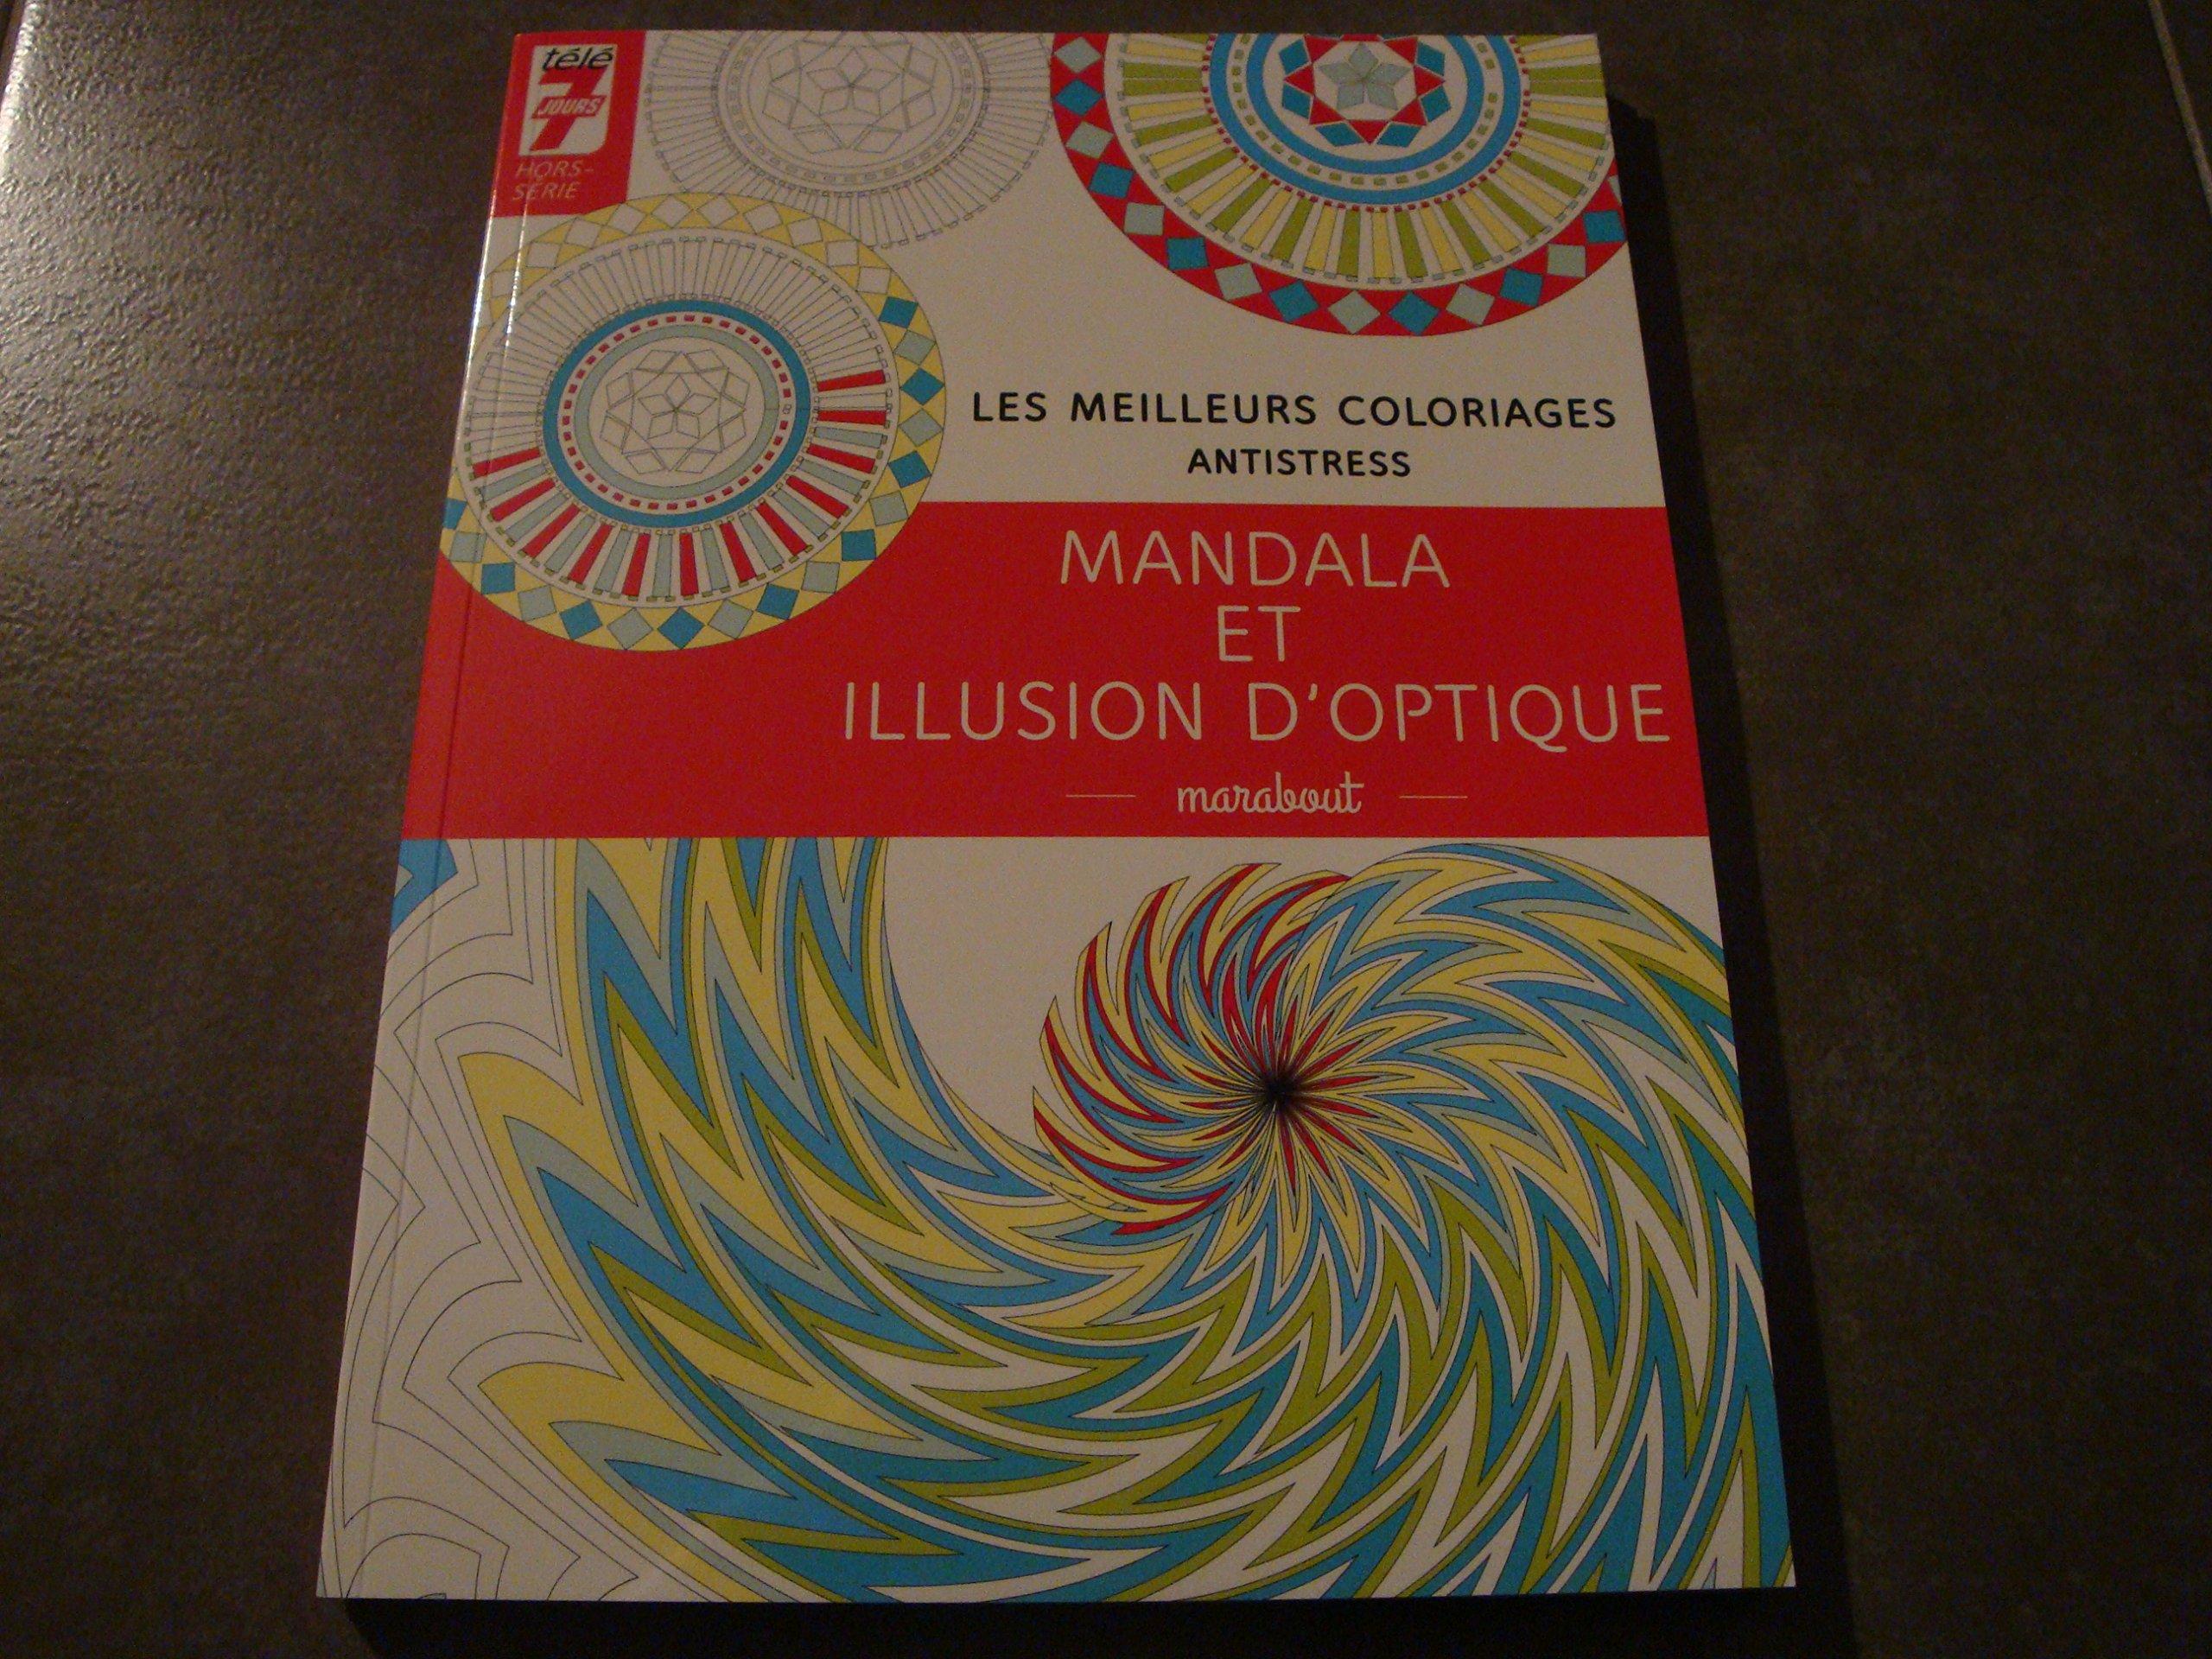 Coloriage Anti Stress Illusion Doptique.Amazon Fr Les Meilleurs Coloriages Antistress Mandala Et Illusion